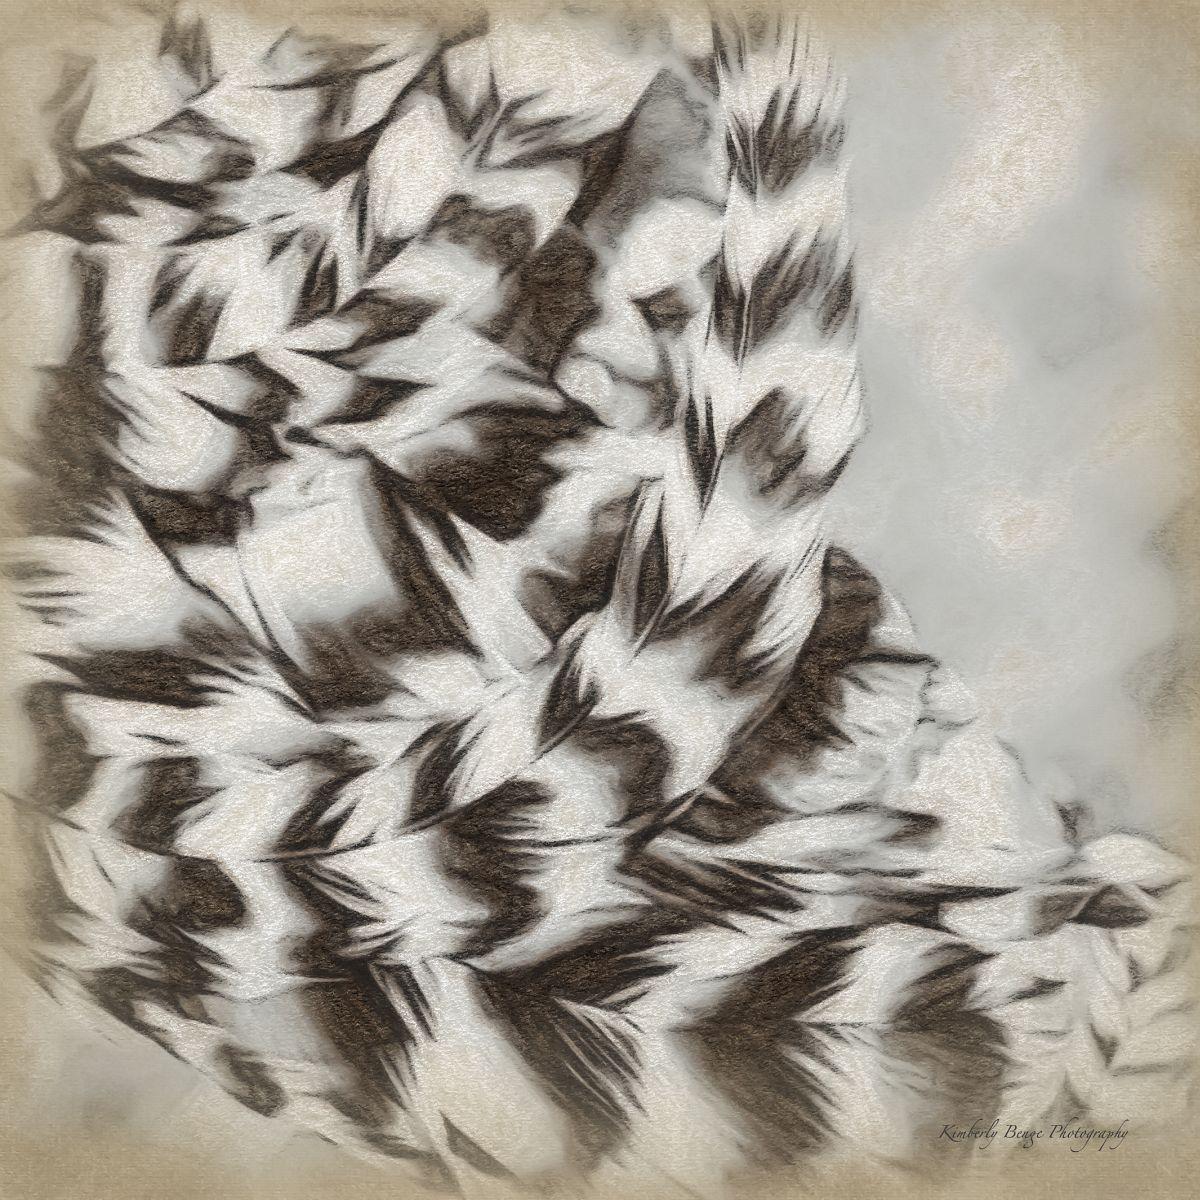 Thunder Feathers II